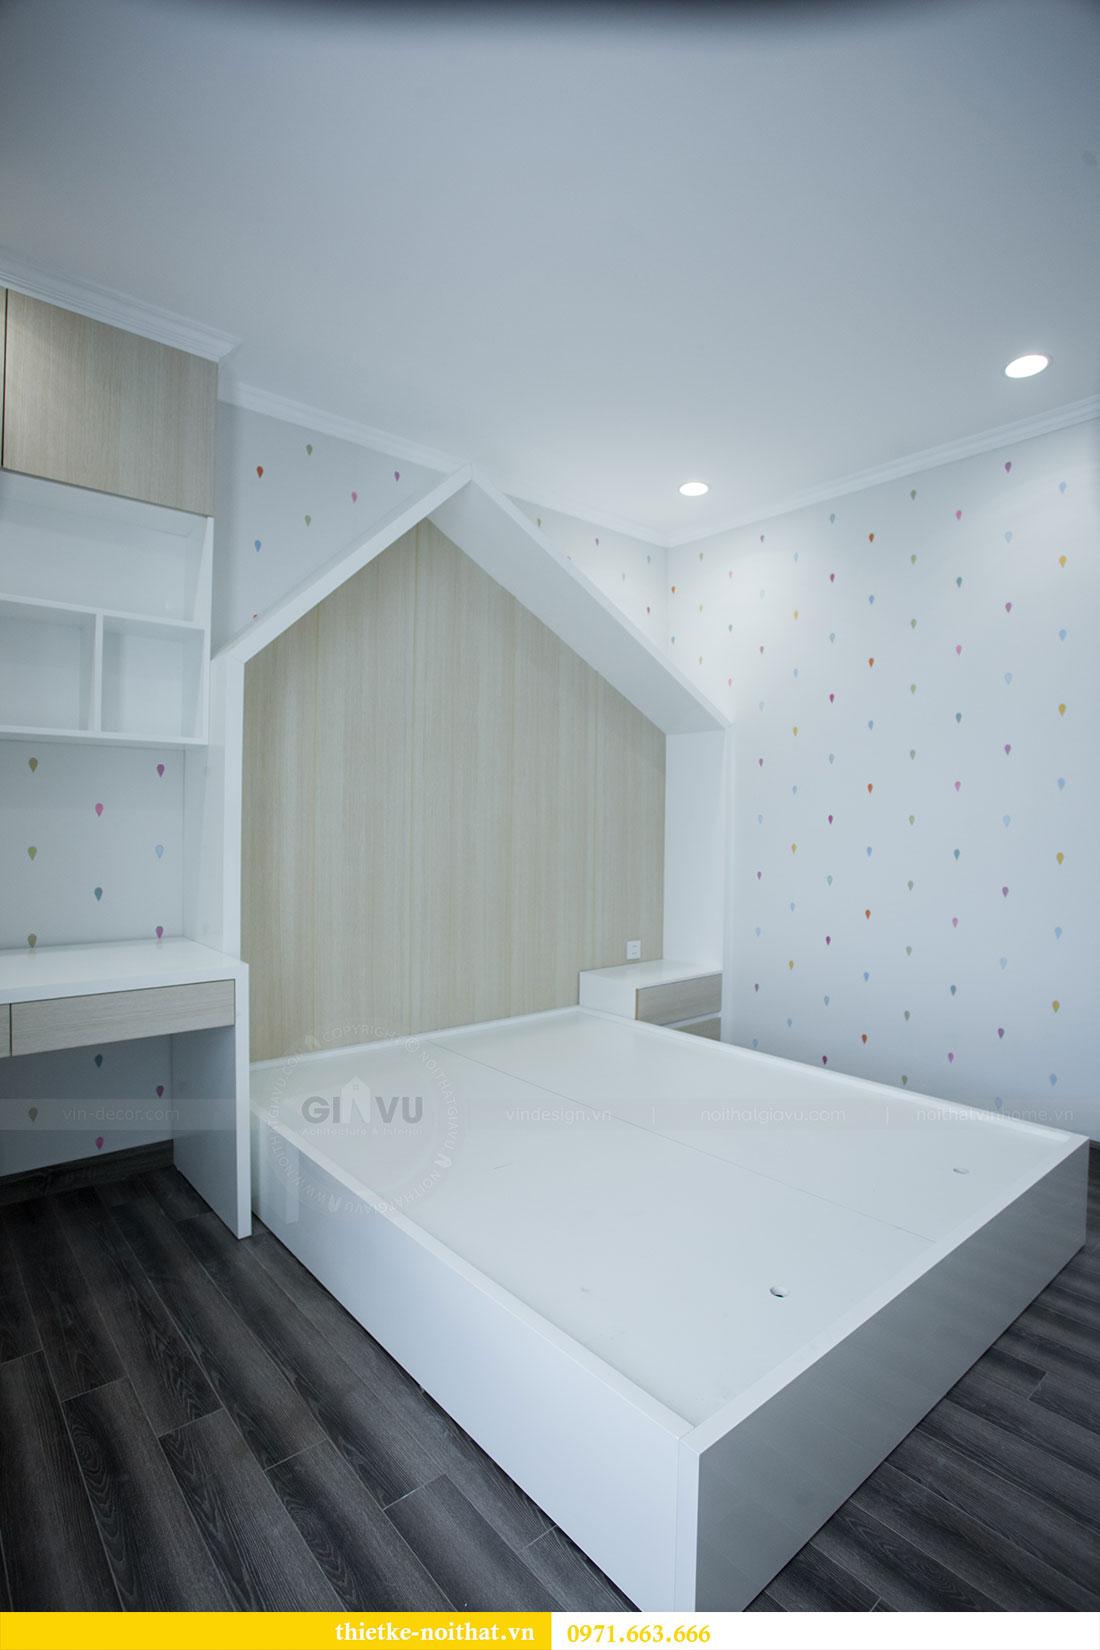 Hoàn thiện nội thất chung cư Seasons Avenue tòa S4 căn 06 chị My 18